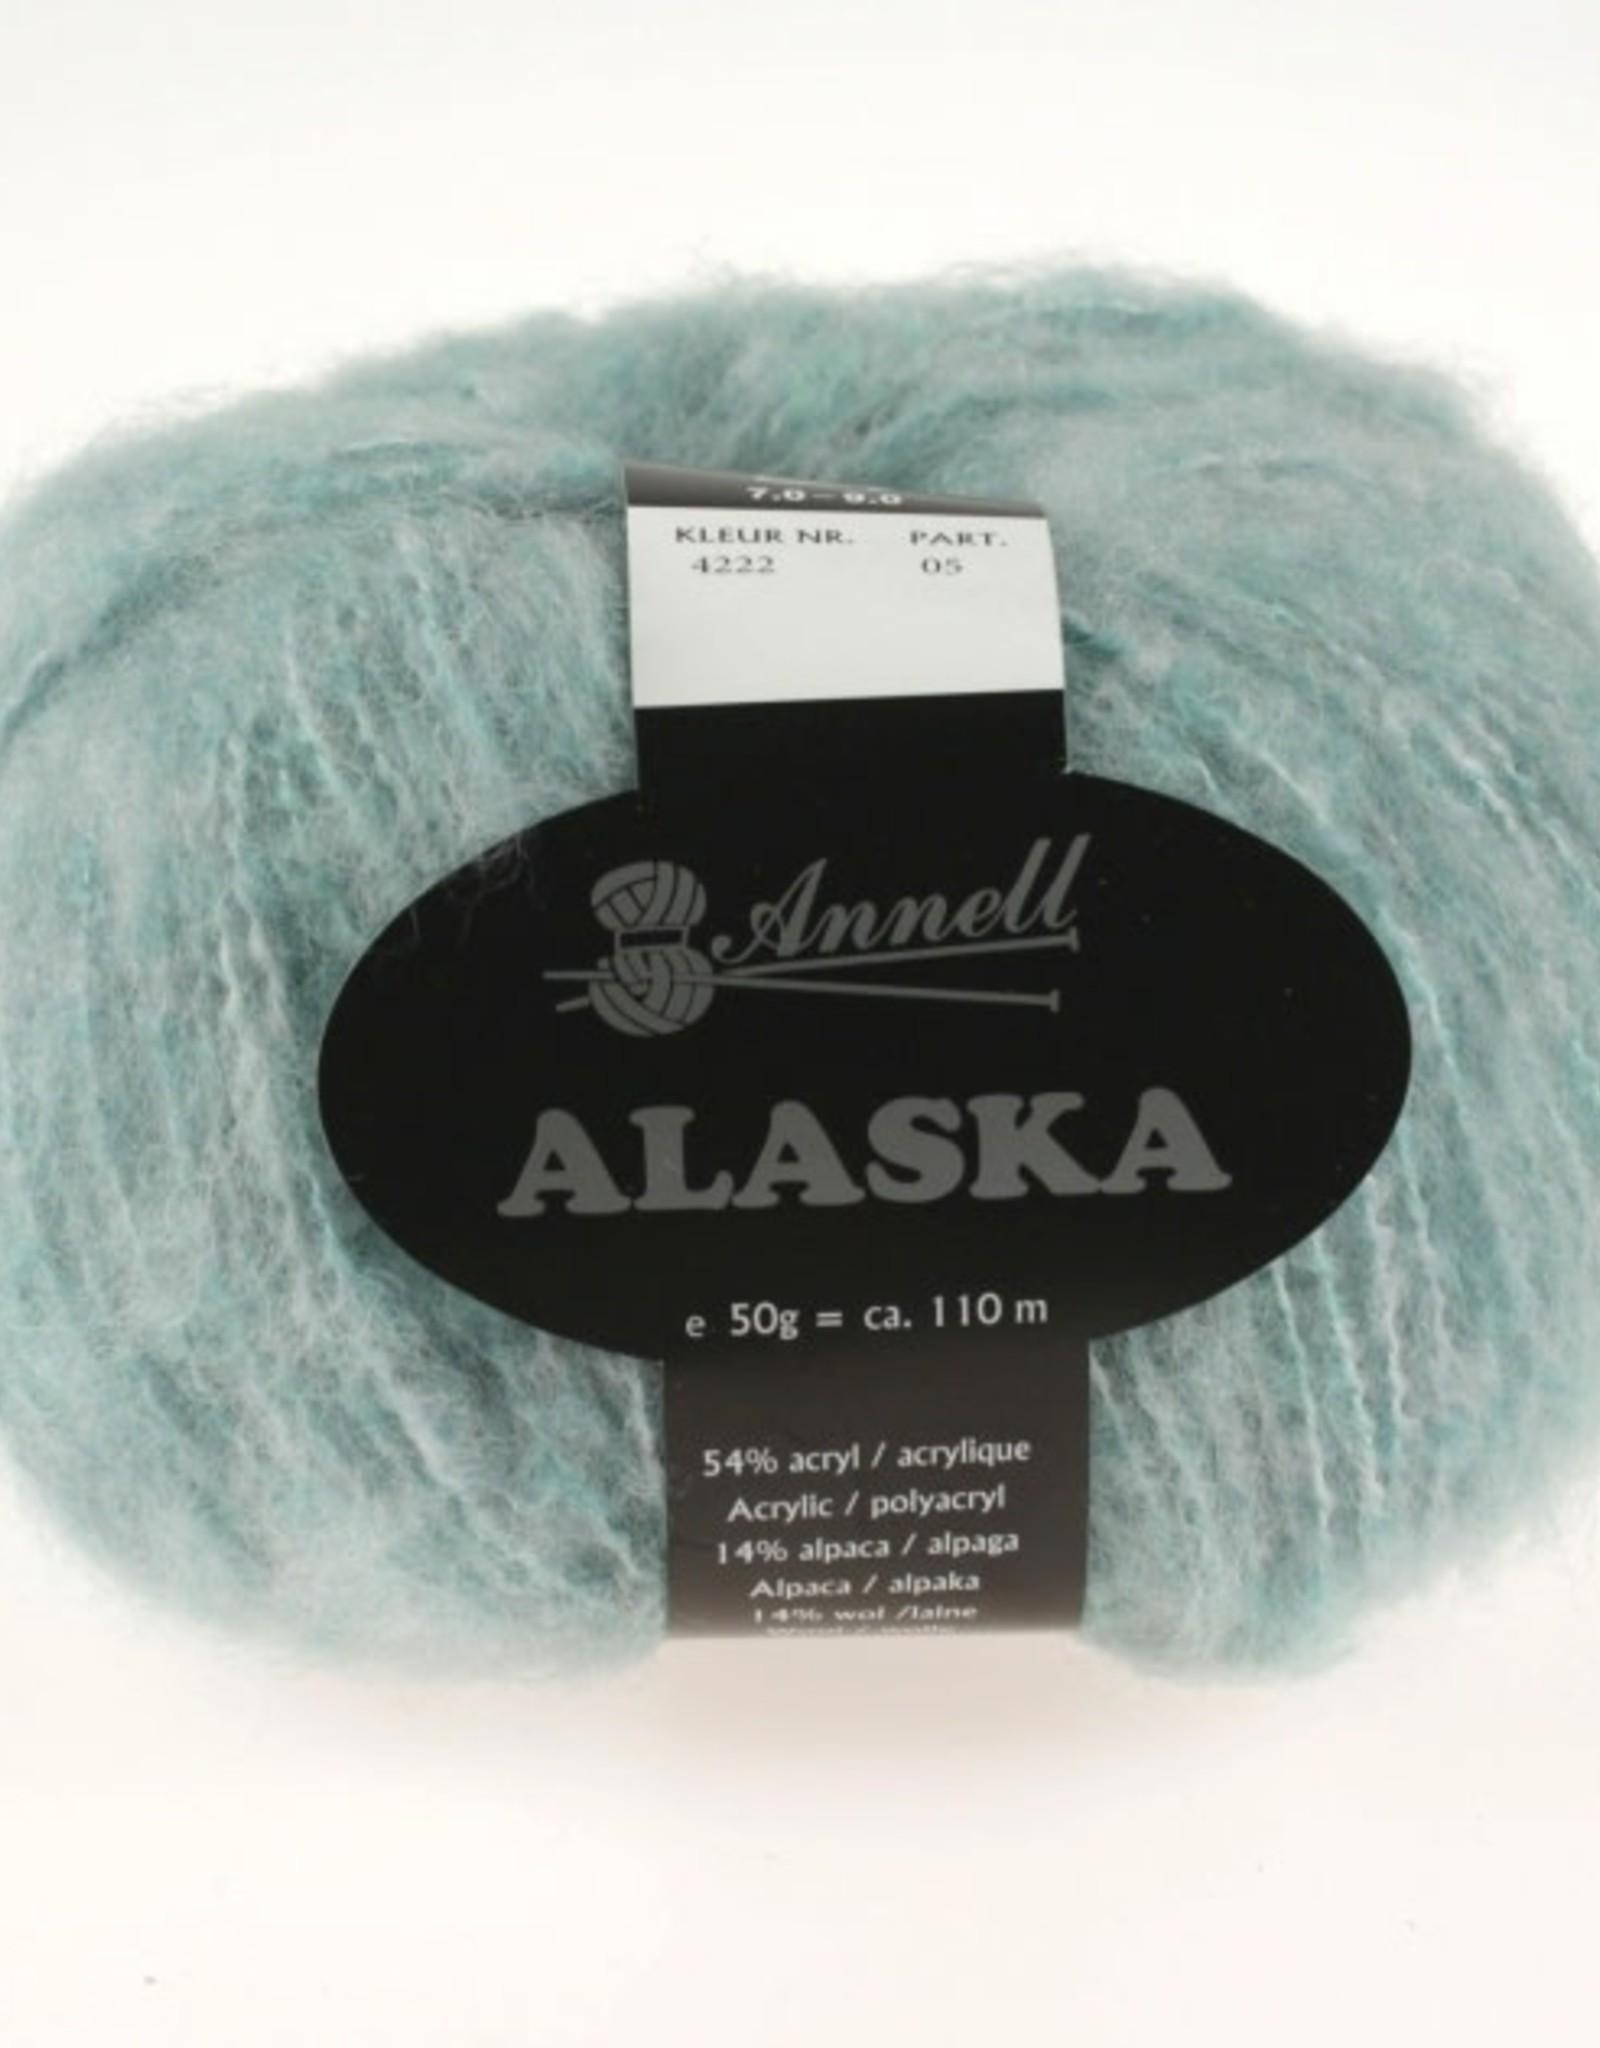 Annell Alaska  4222 – mint